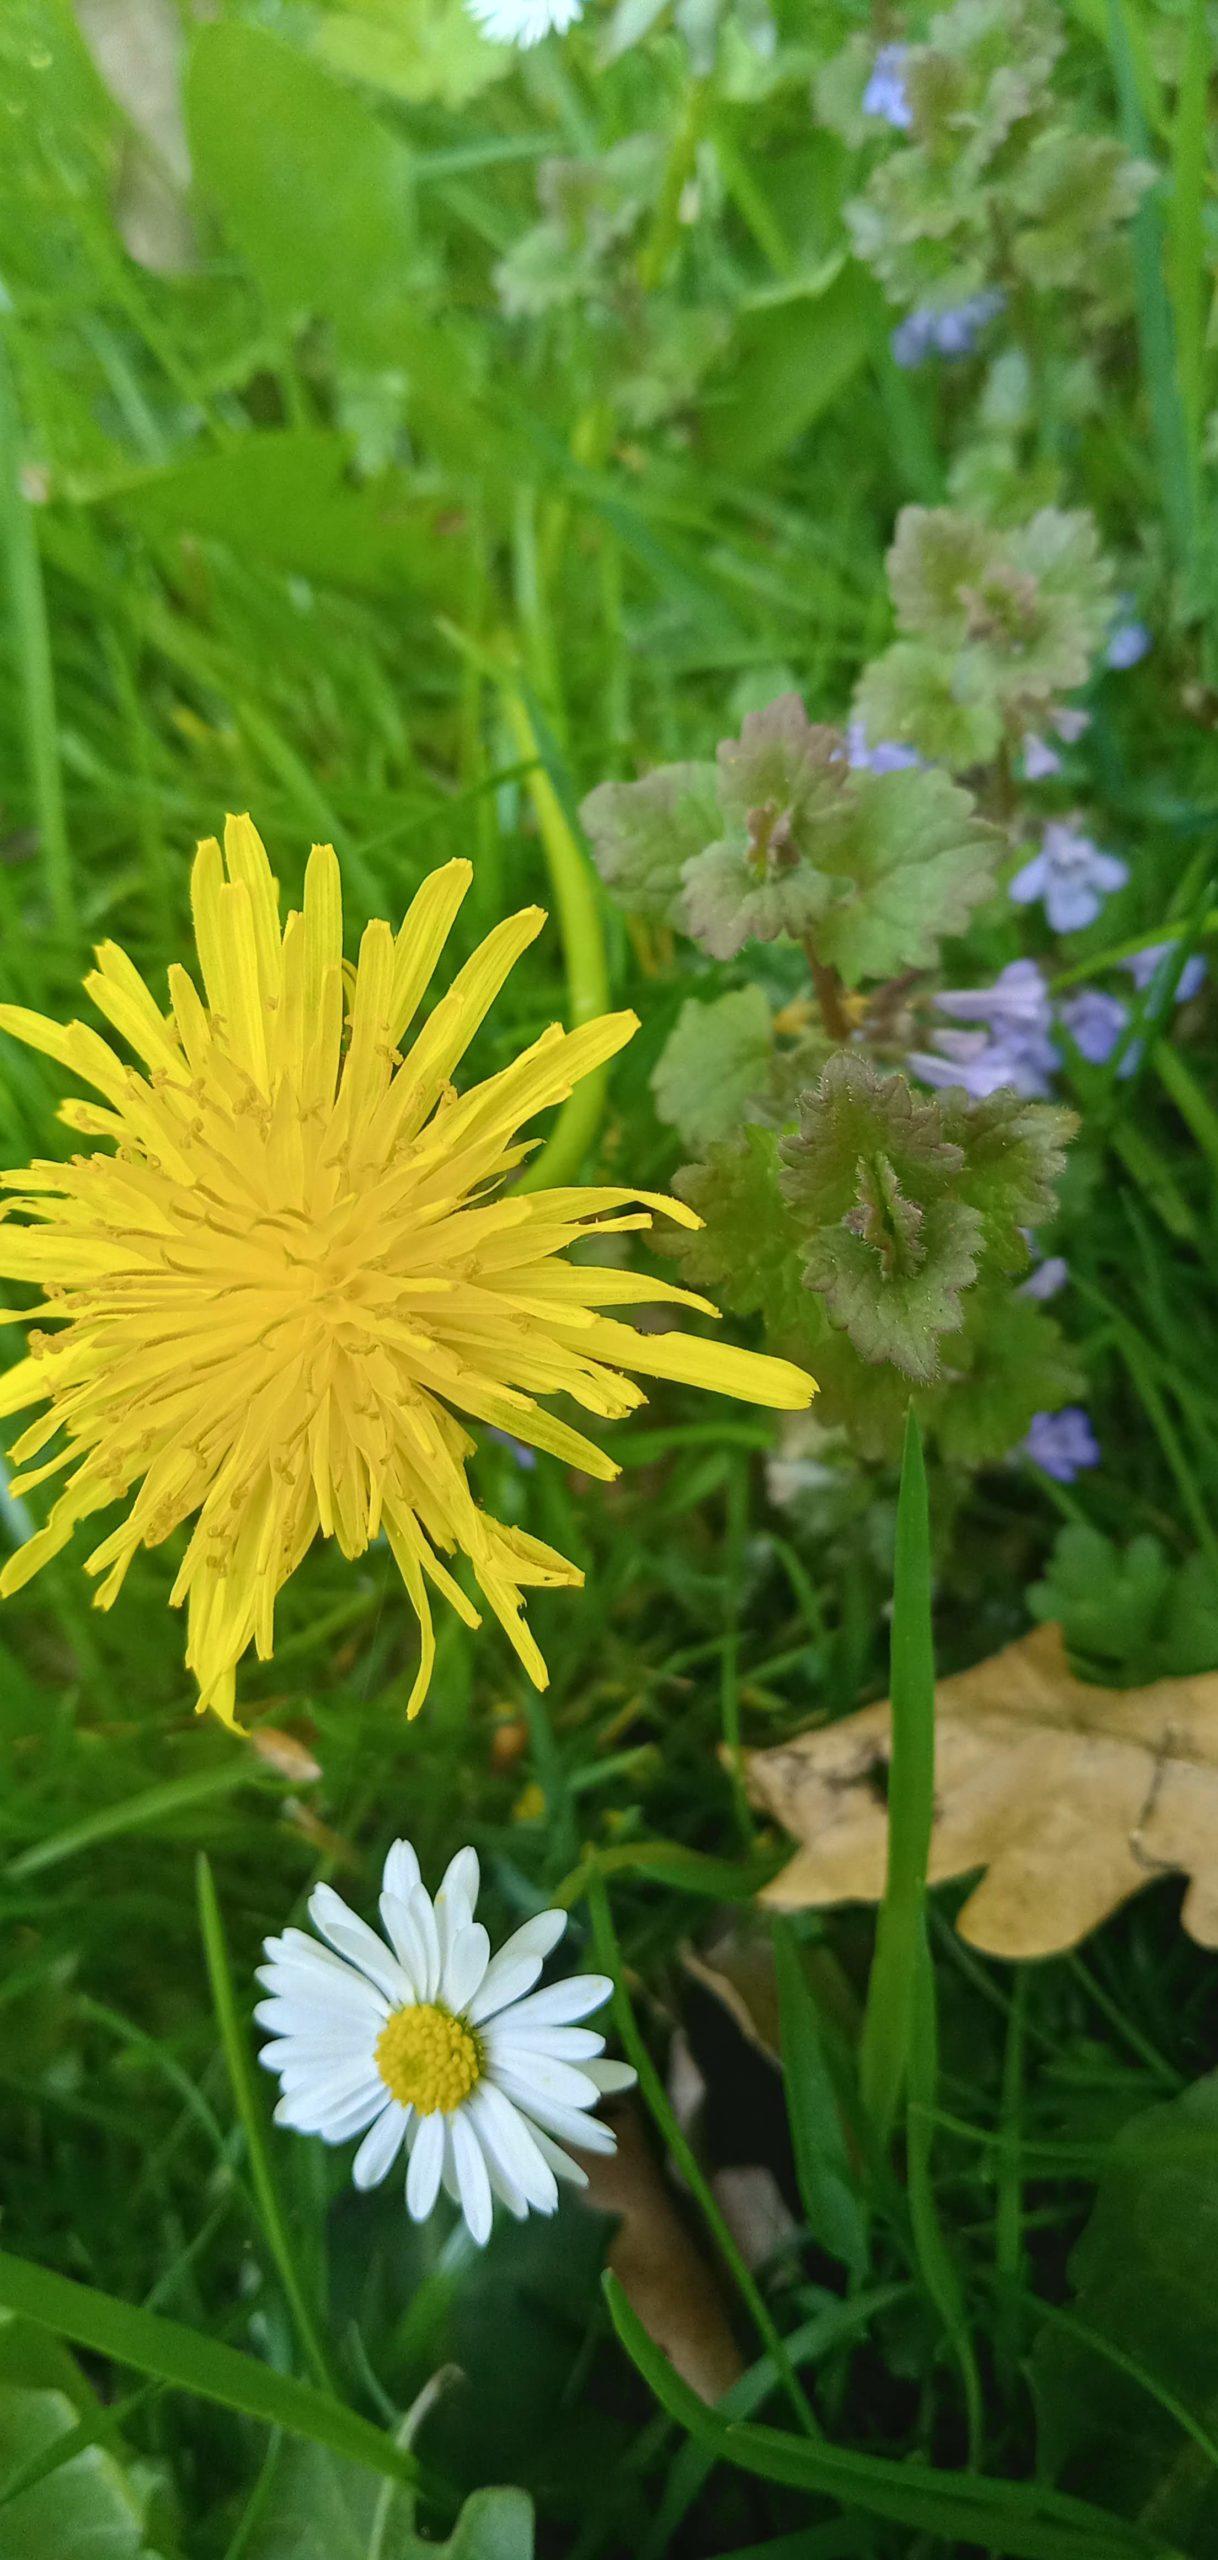 Kwiaty mniszka, stokrotka i bluszczyk kurdybanek